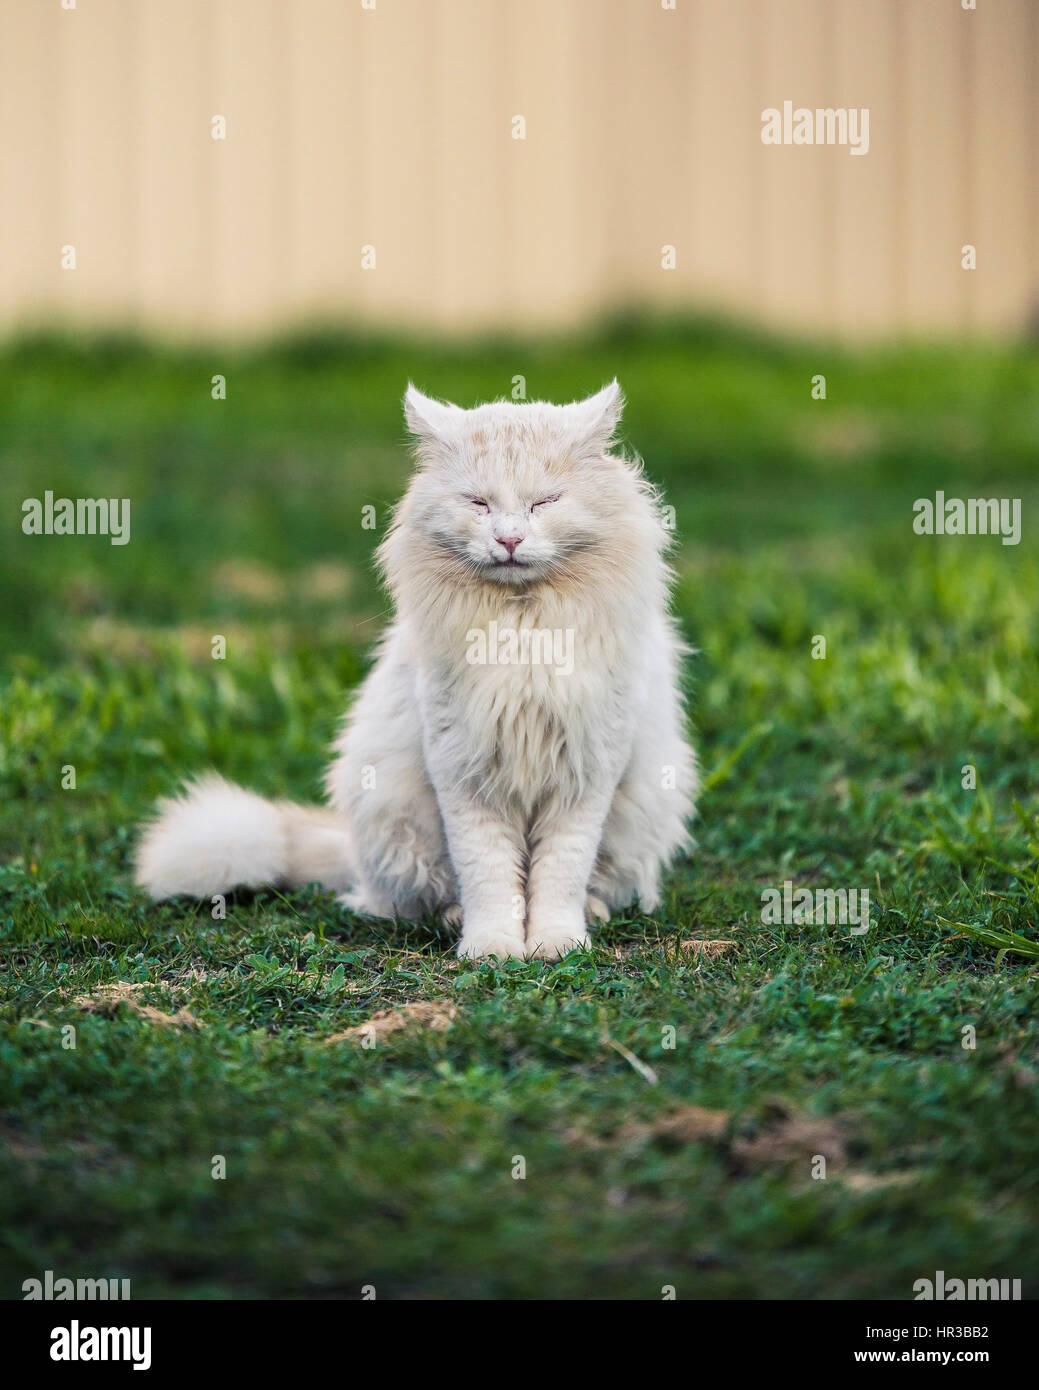 Garten Katzen Stockbild